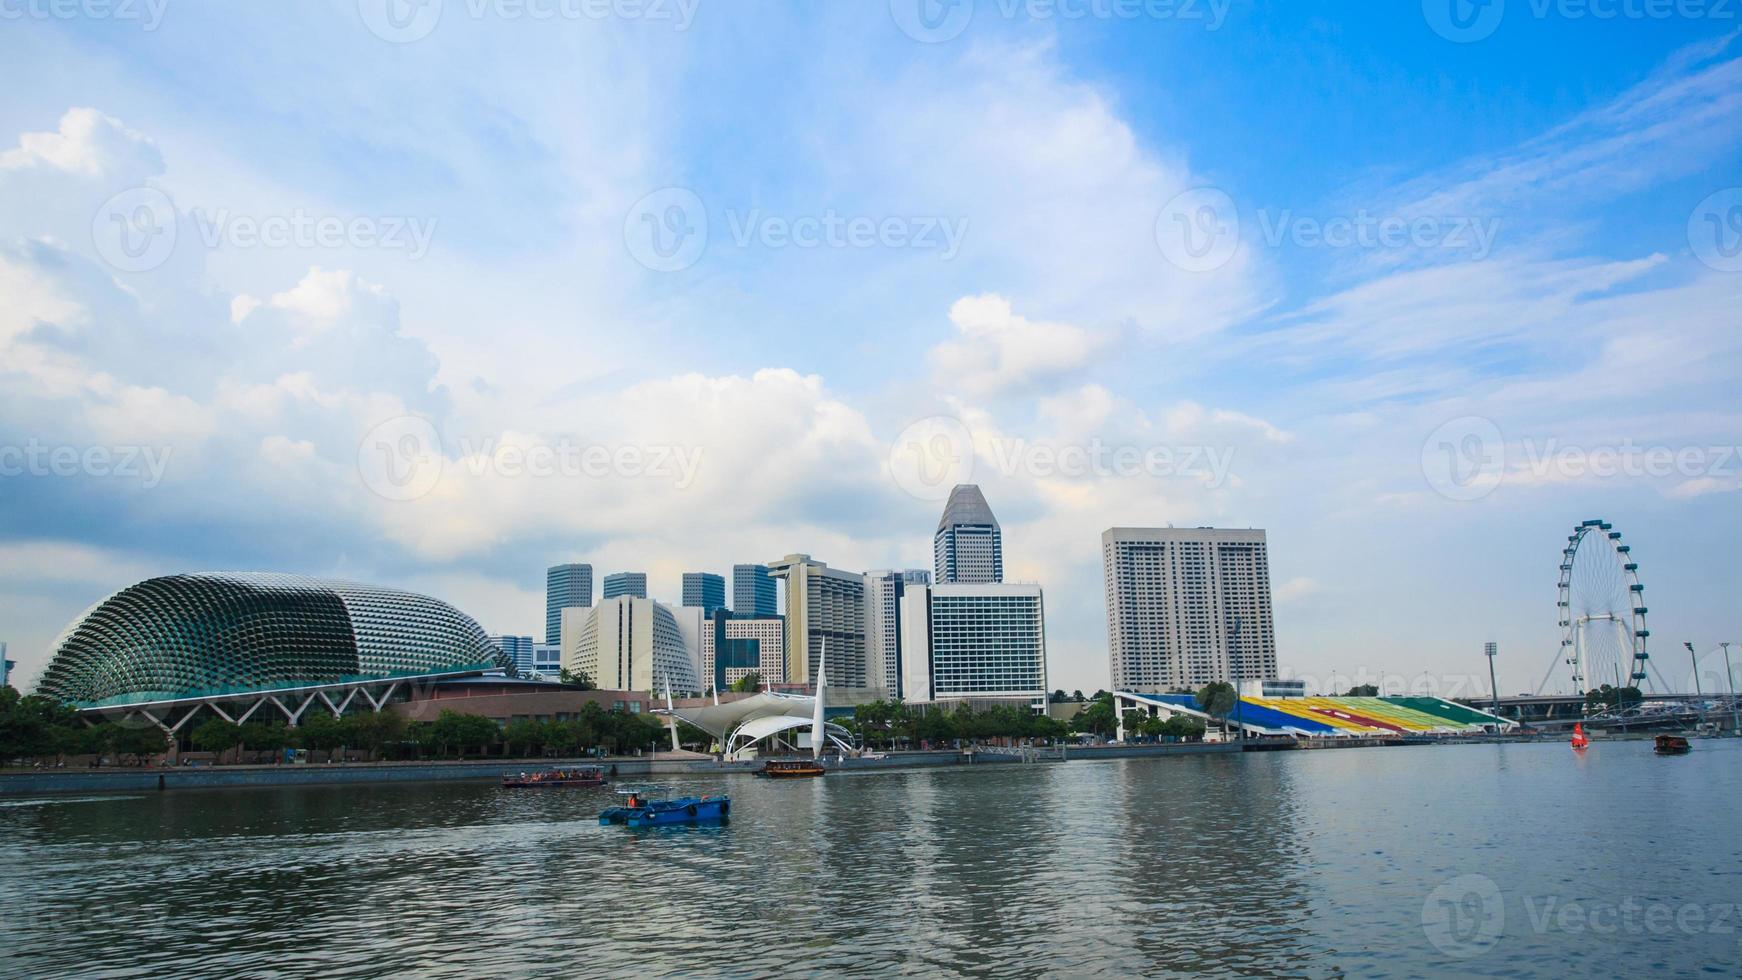 teatri esplanade di singapore sulla baia marina foto